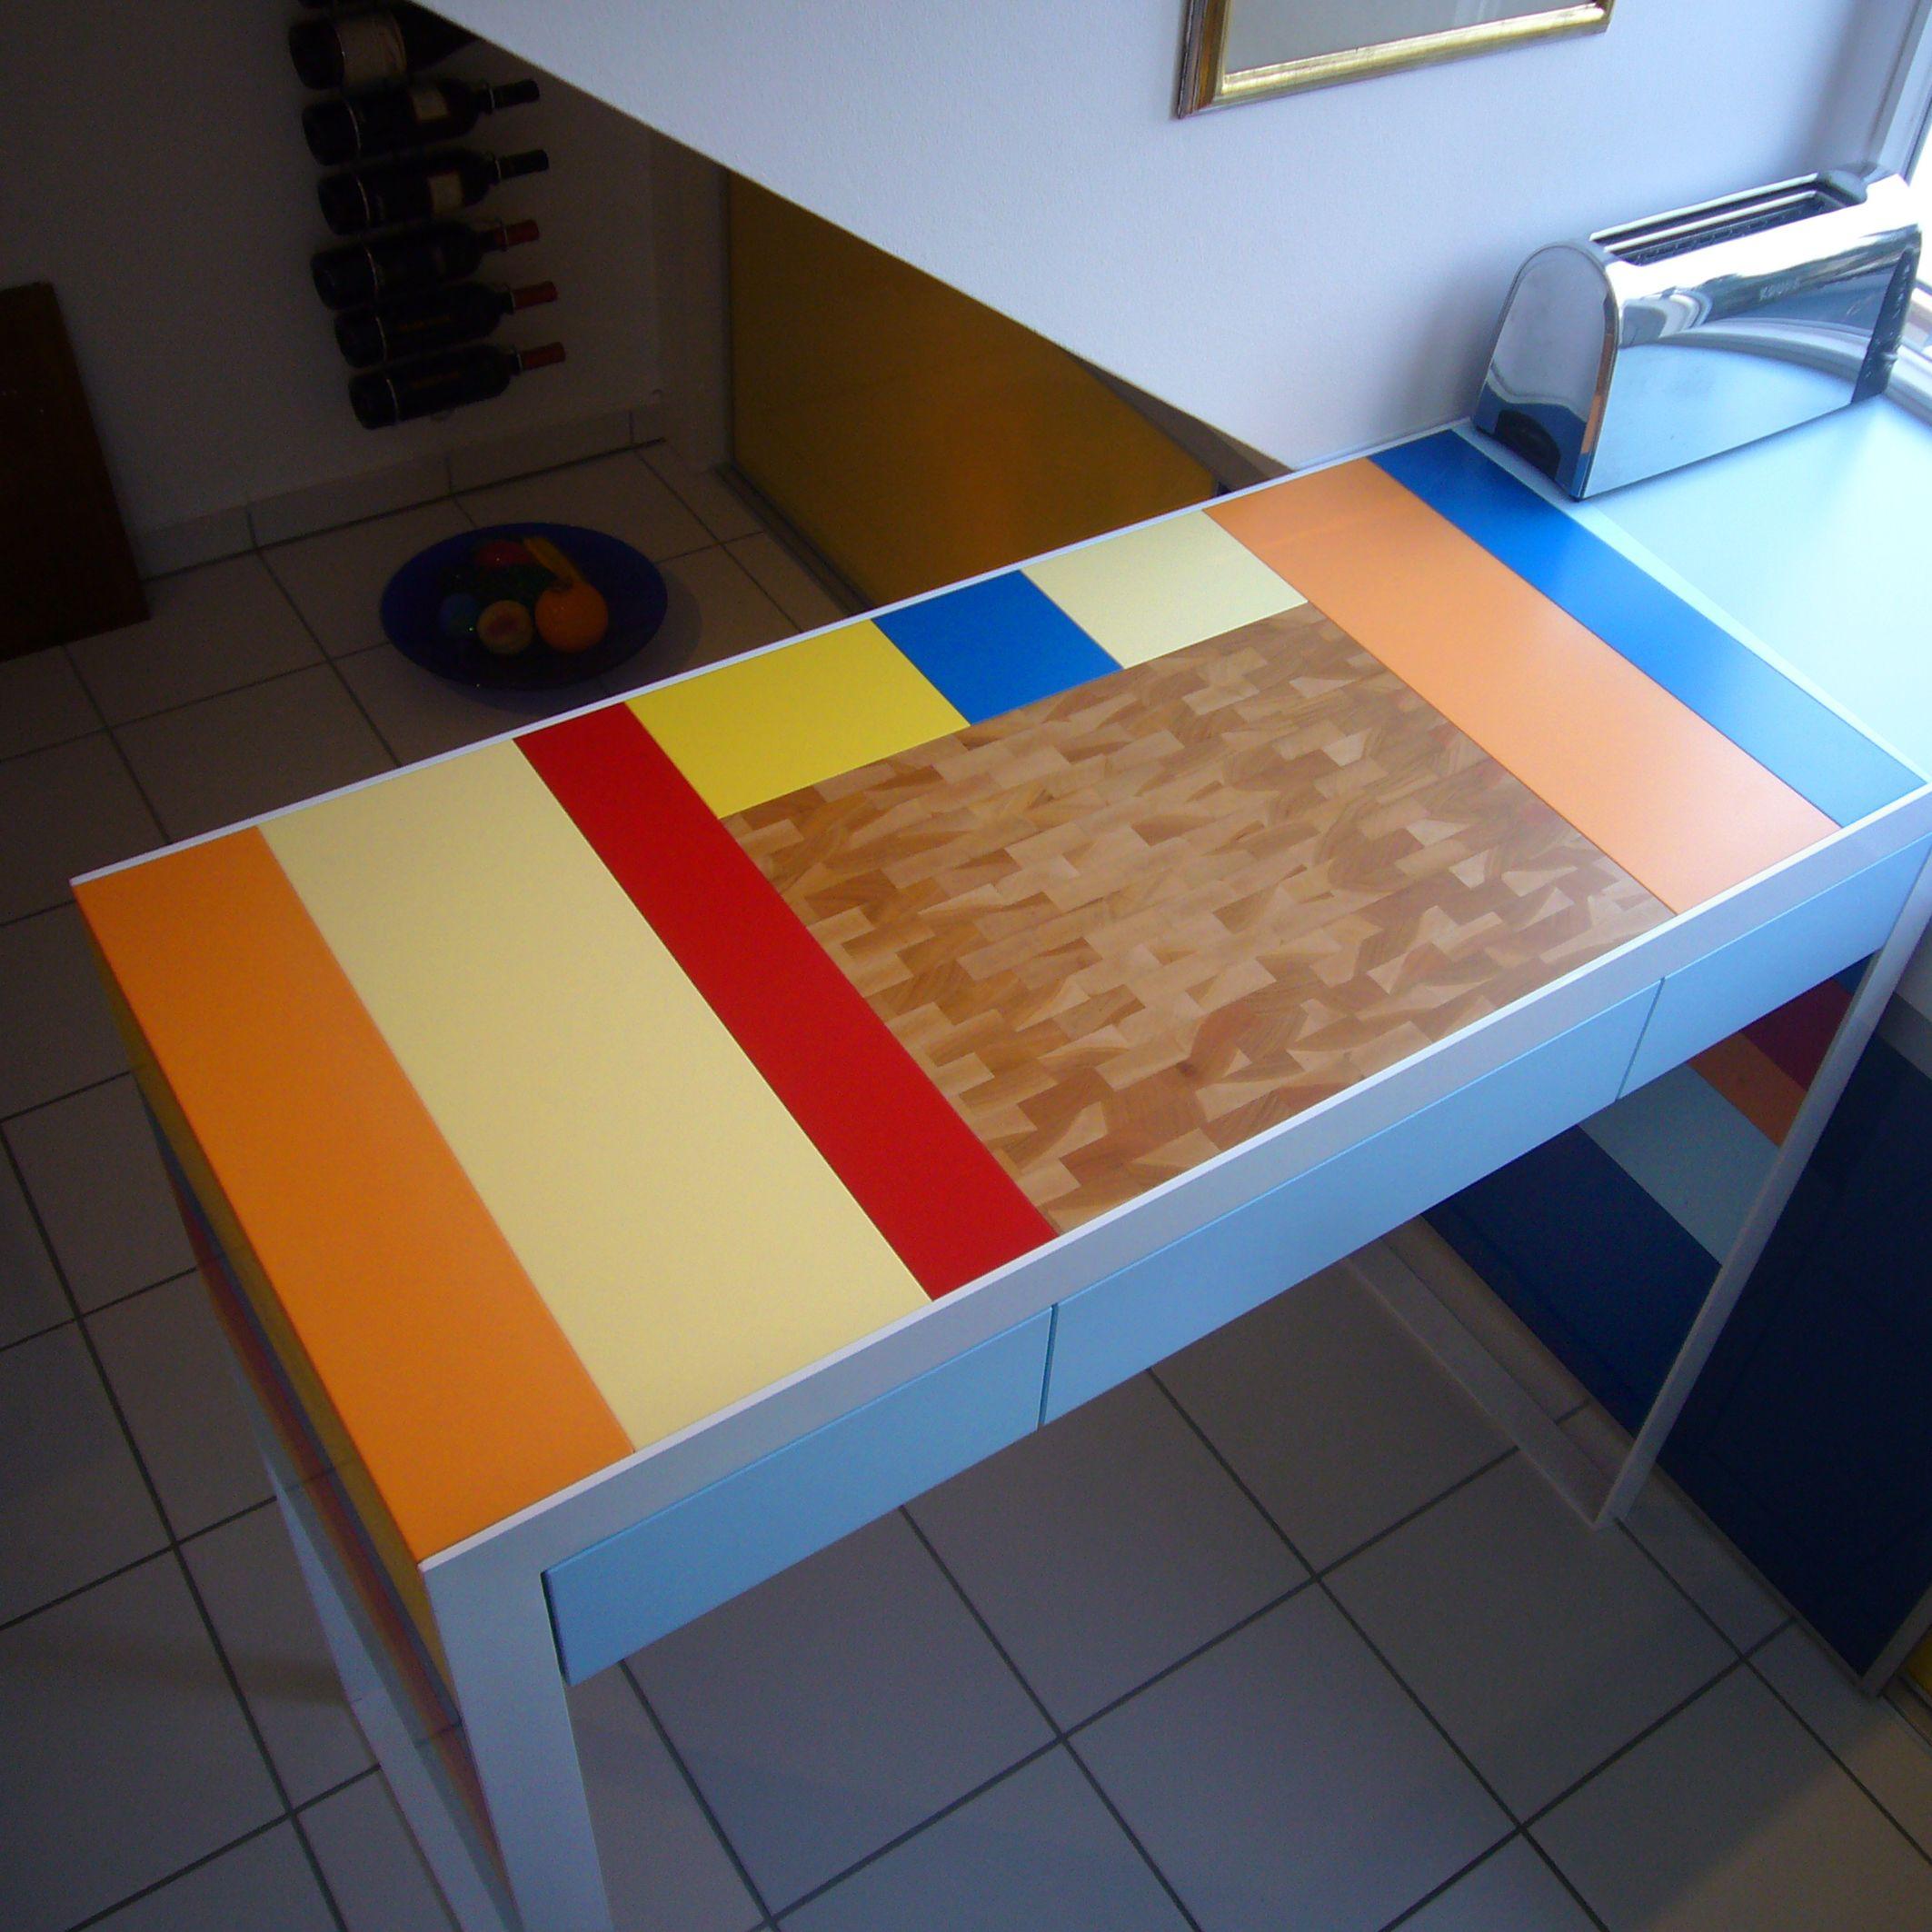 Kuchentisch Farbig Lackiert Mit Eingelassenem Hirnholzbrett In Eiche Kuchentisch Tisch Farbig